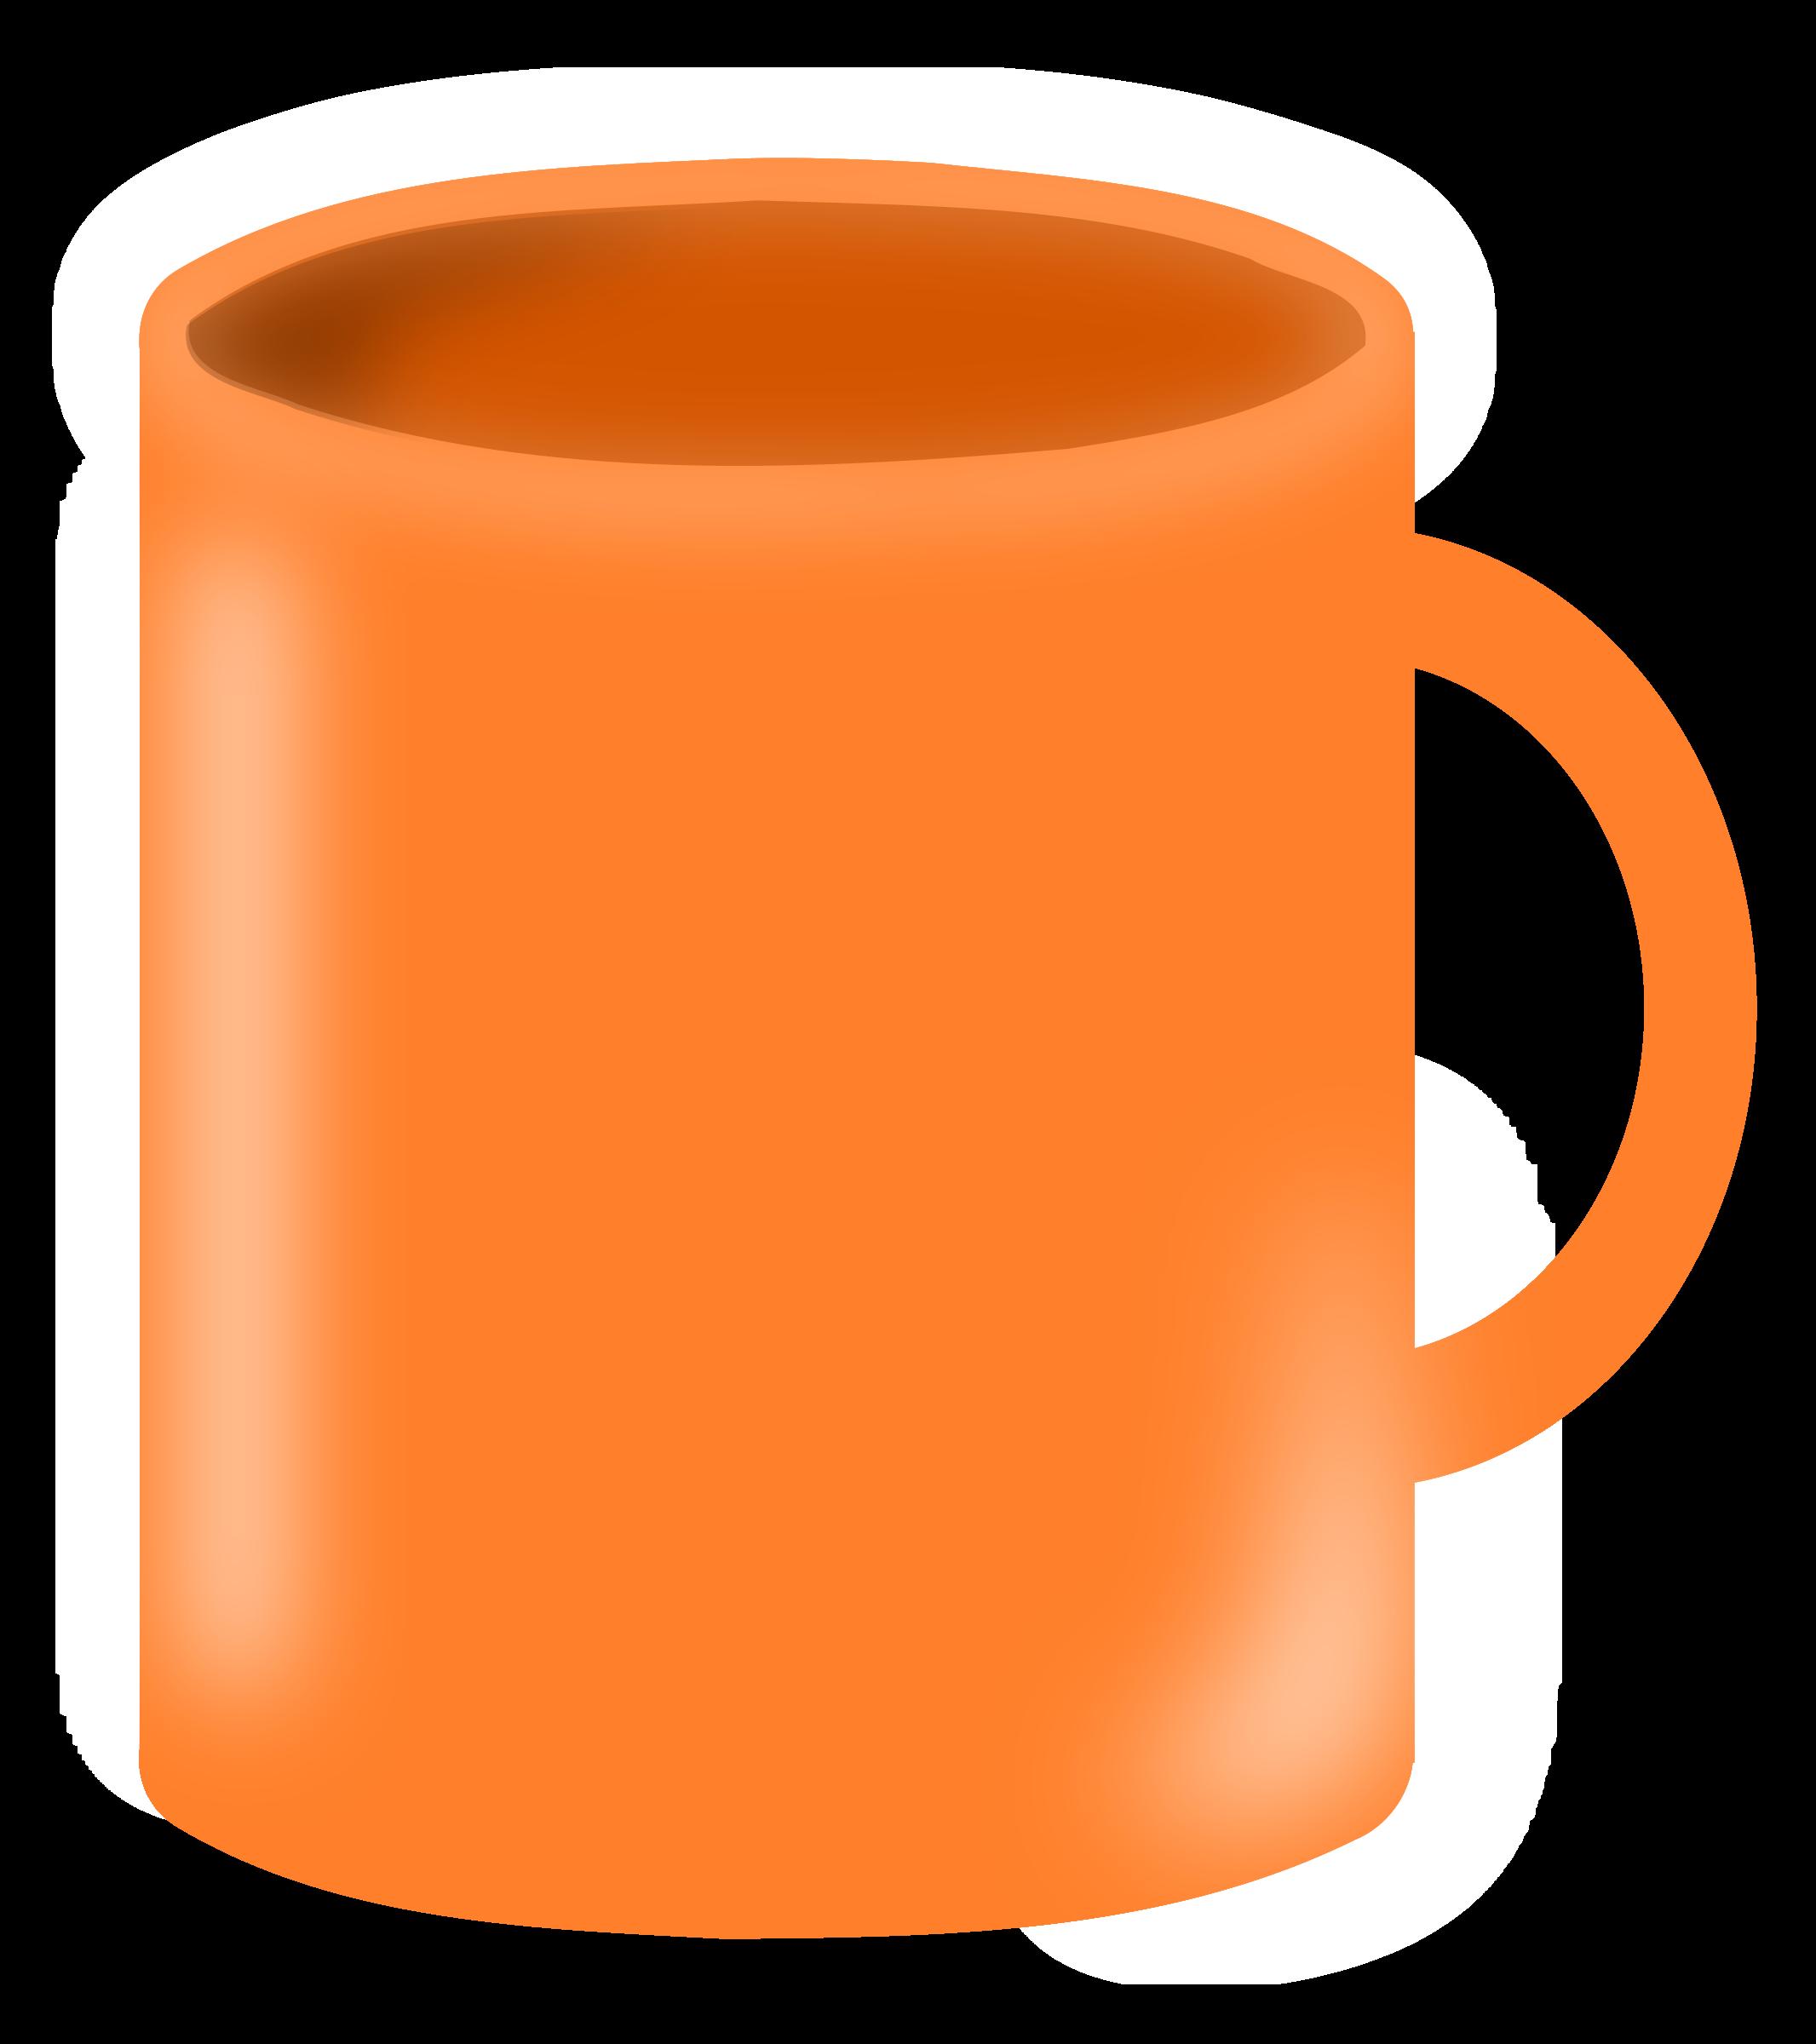 clip royalty free stock Mugs clipart. Mug big image png